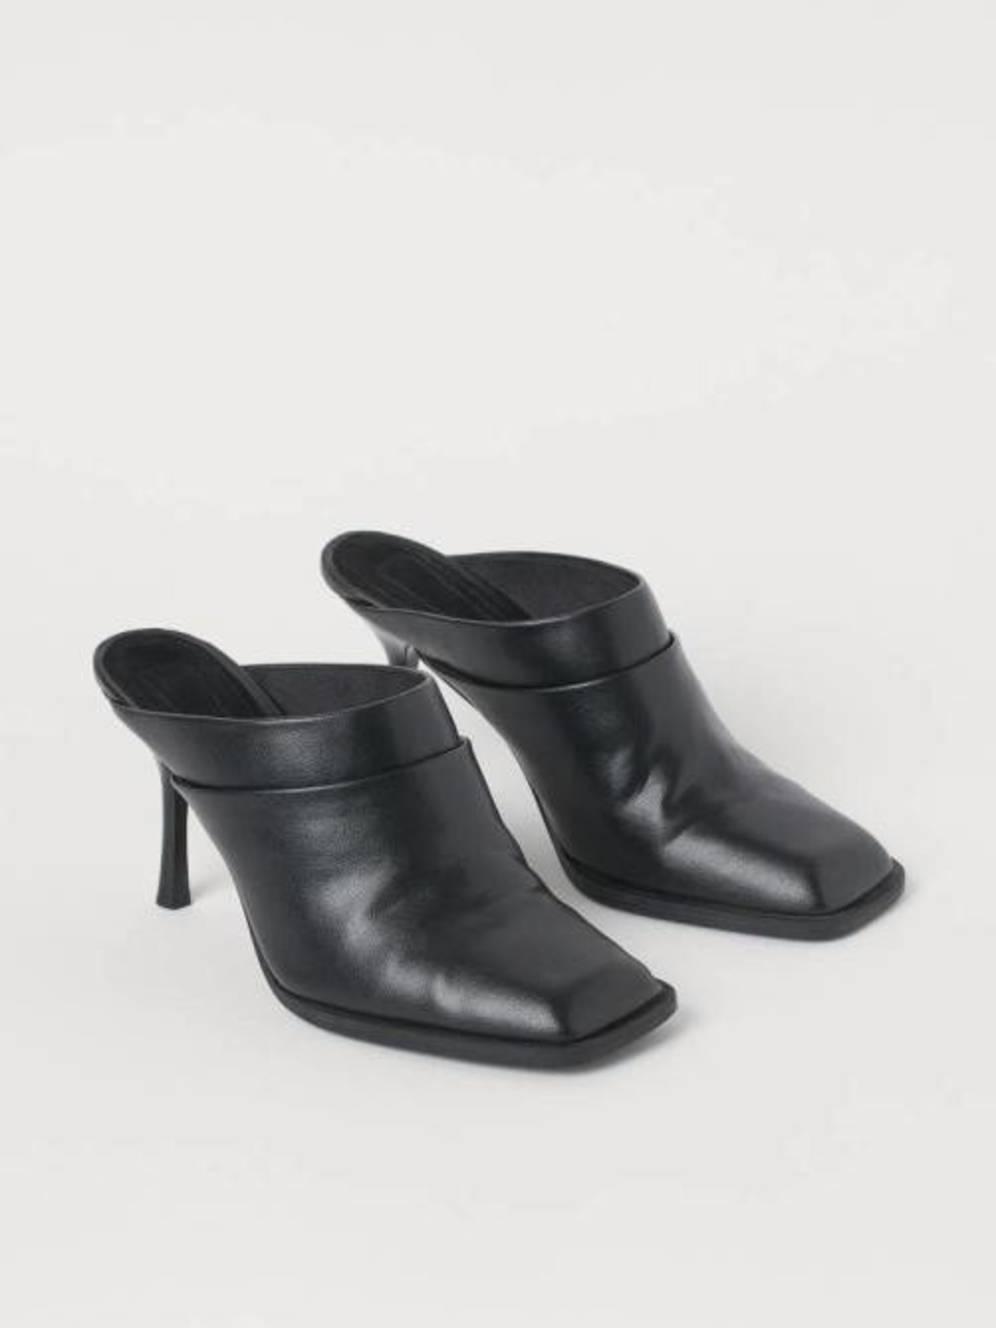 Las Botas De Hym Cortesia Calzado 2 X 1 - Empresas Calzado, Cuero